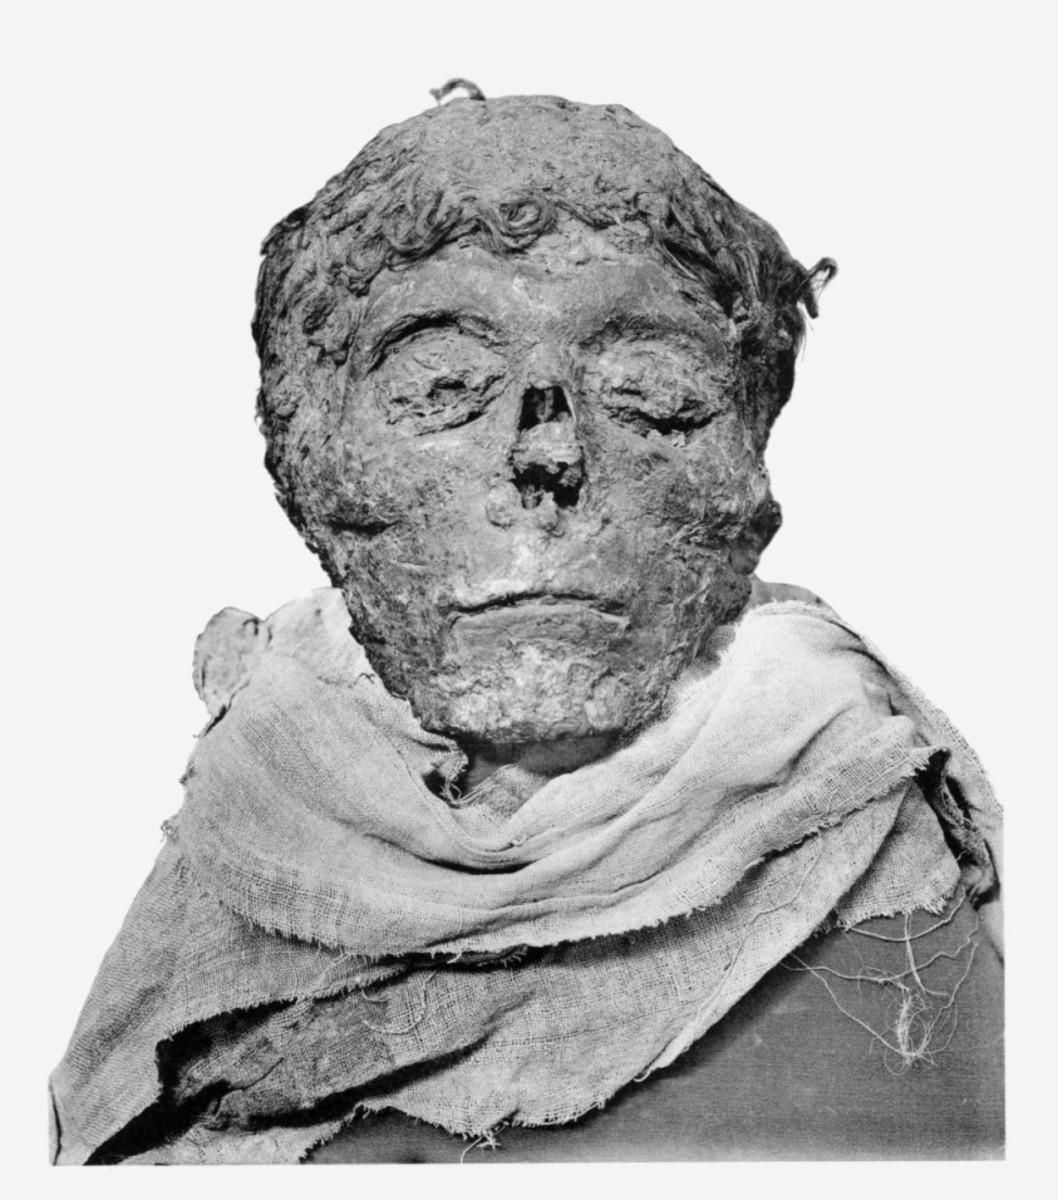 Mummy of Egyptian King Ahmose I, 15th century BCE